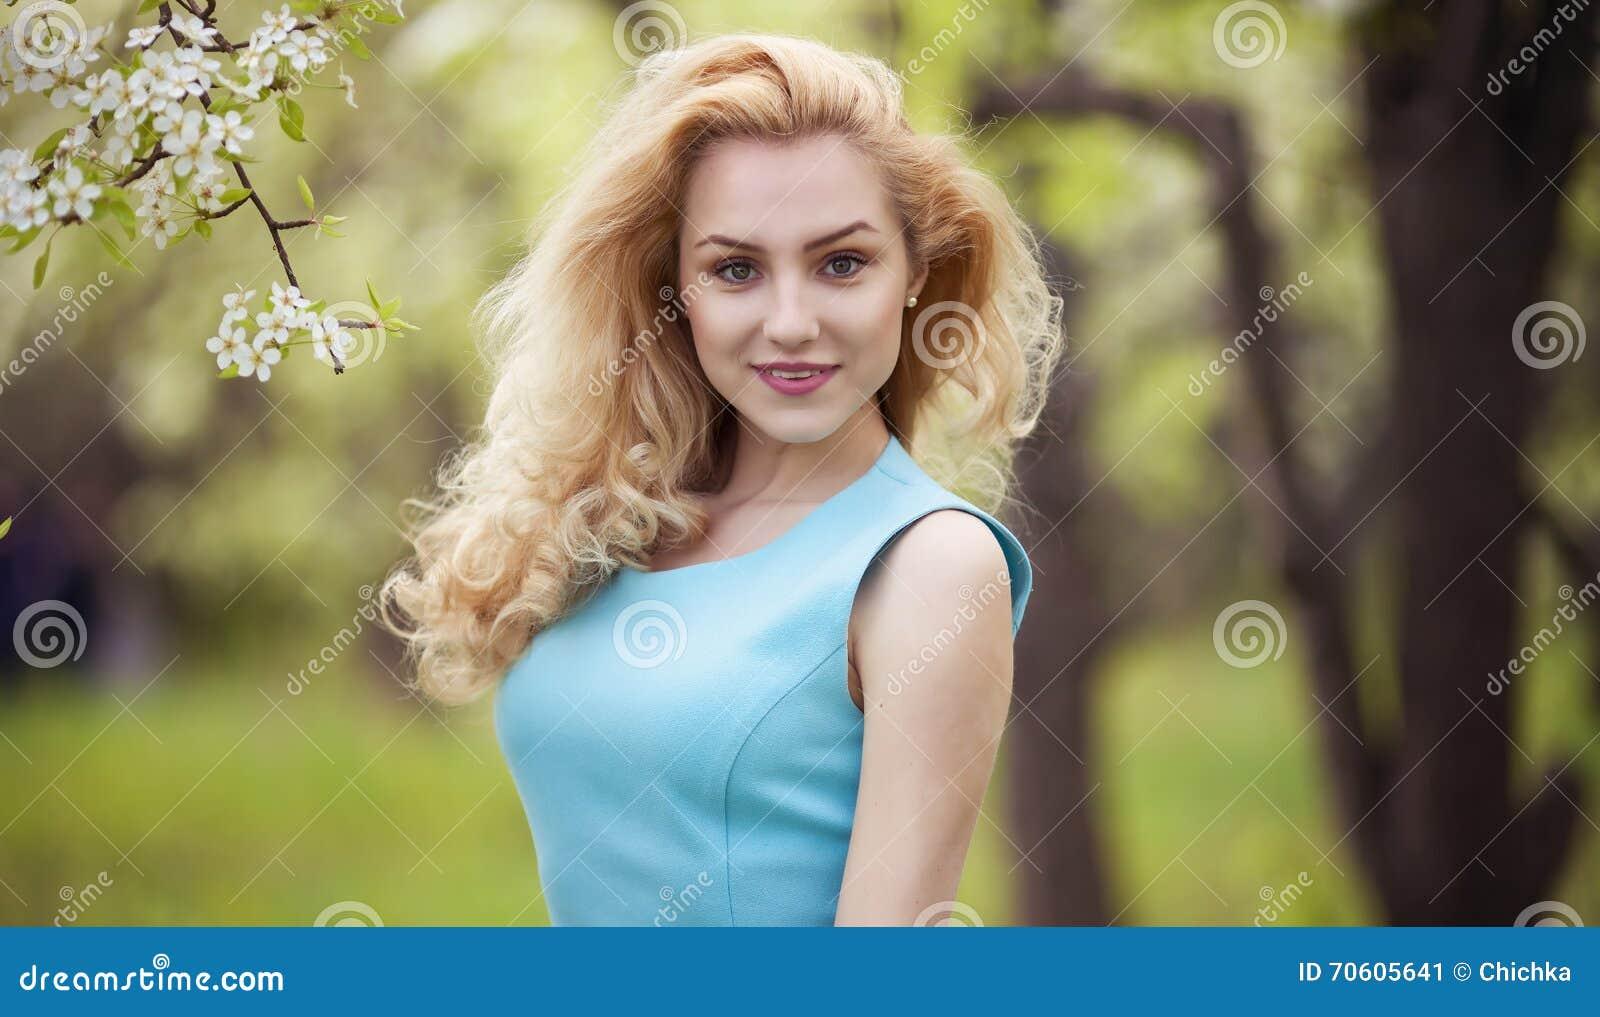 smiling girl natural beauty lovely female walking spring